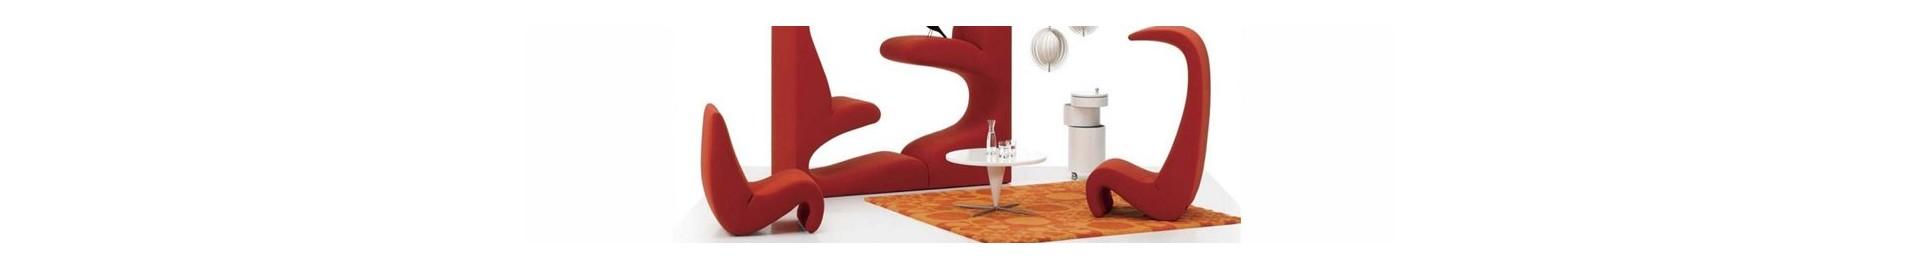 vendita-online-poltrone-e-divani